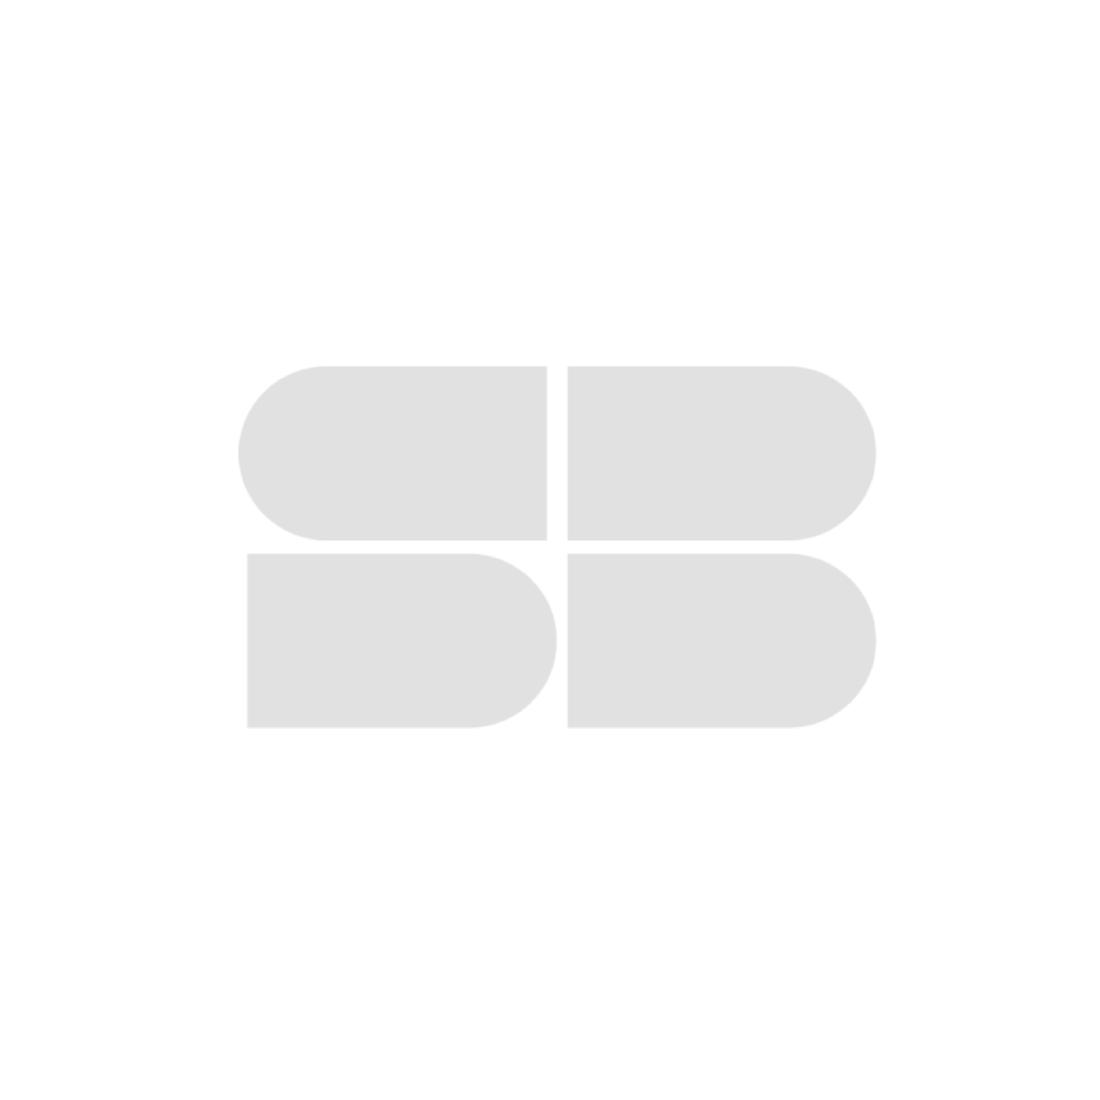 39013165-mattress-bedding-mattresses-spring-mattresses-31